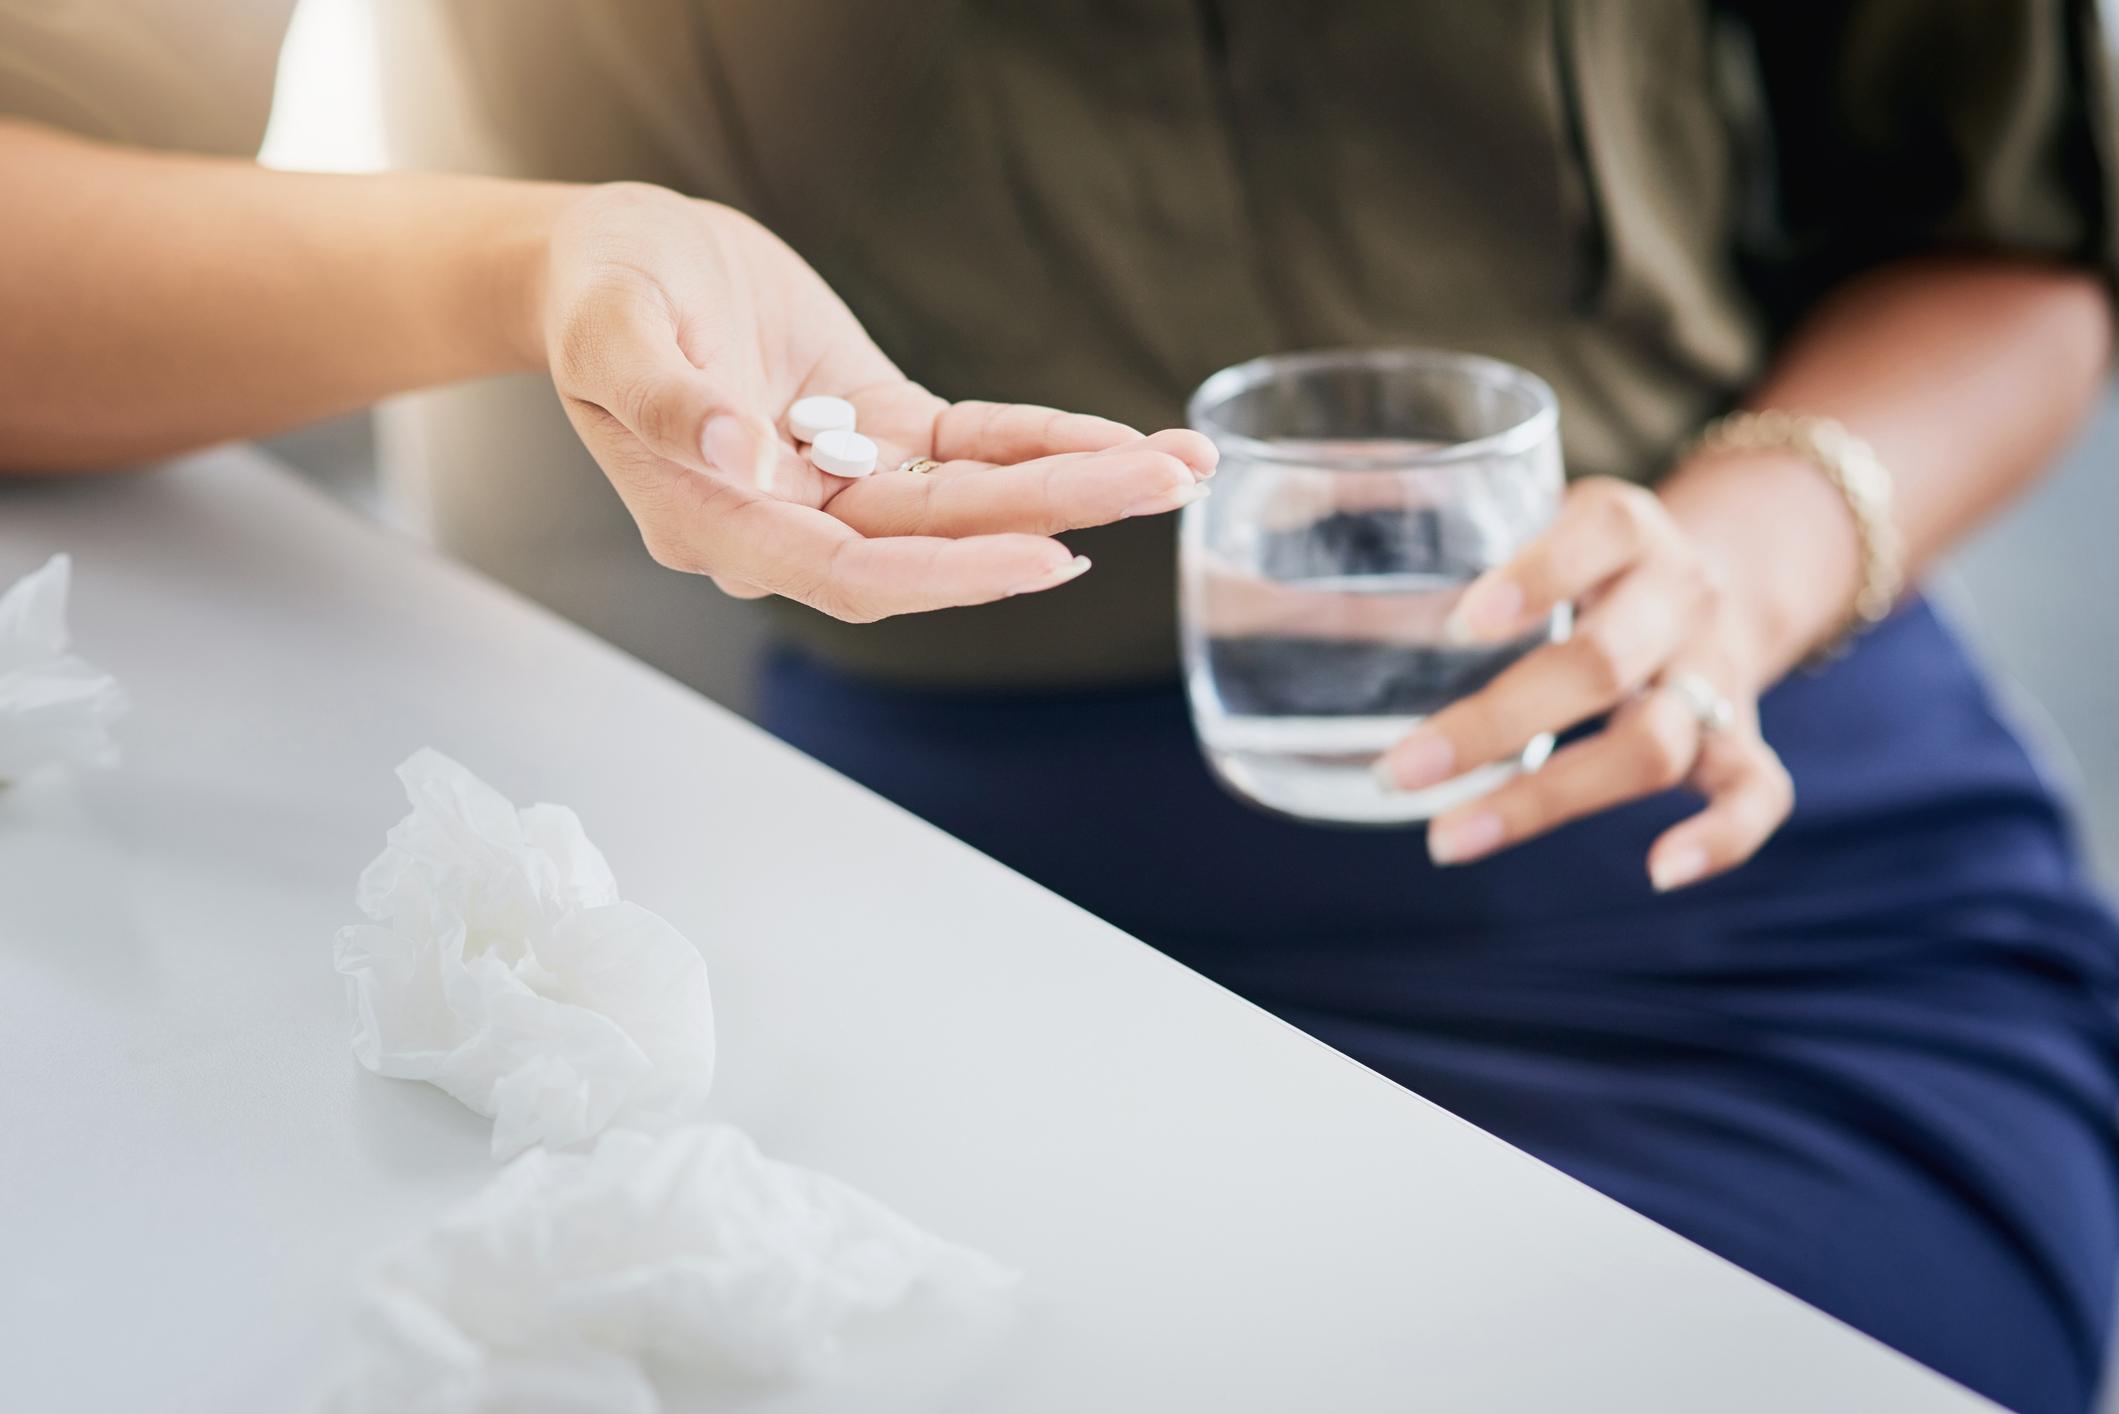 A vérnyomáscsökkentő gyógyszerek fontosabb mellékhatásai